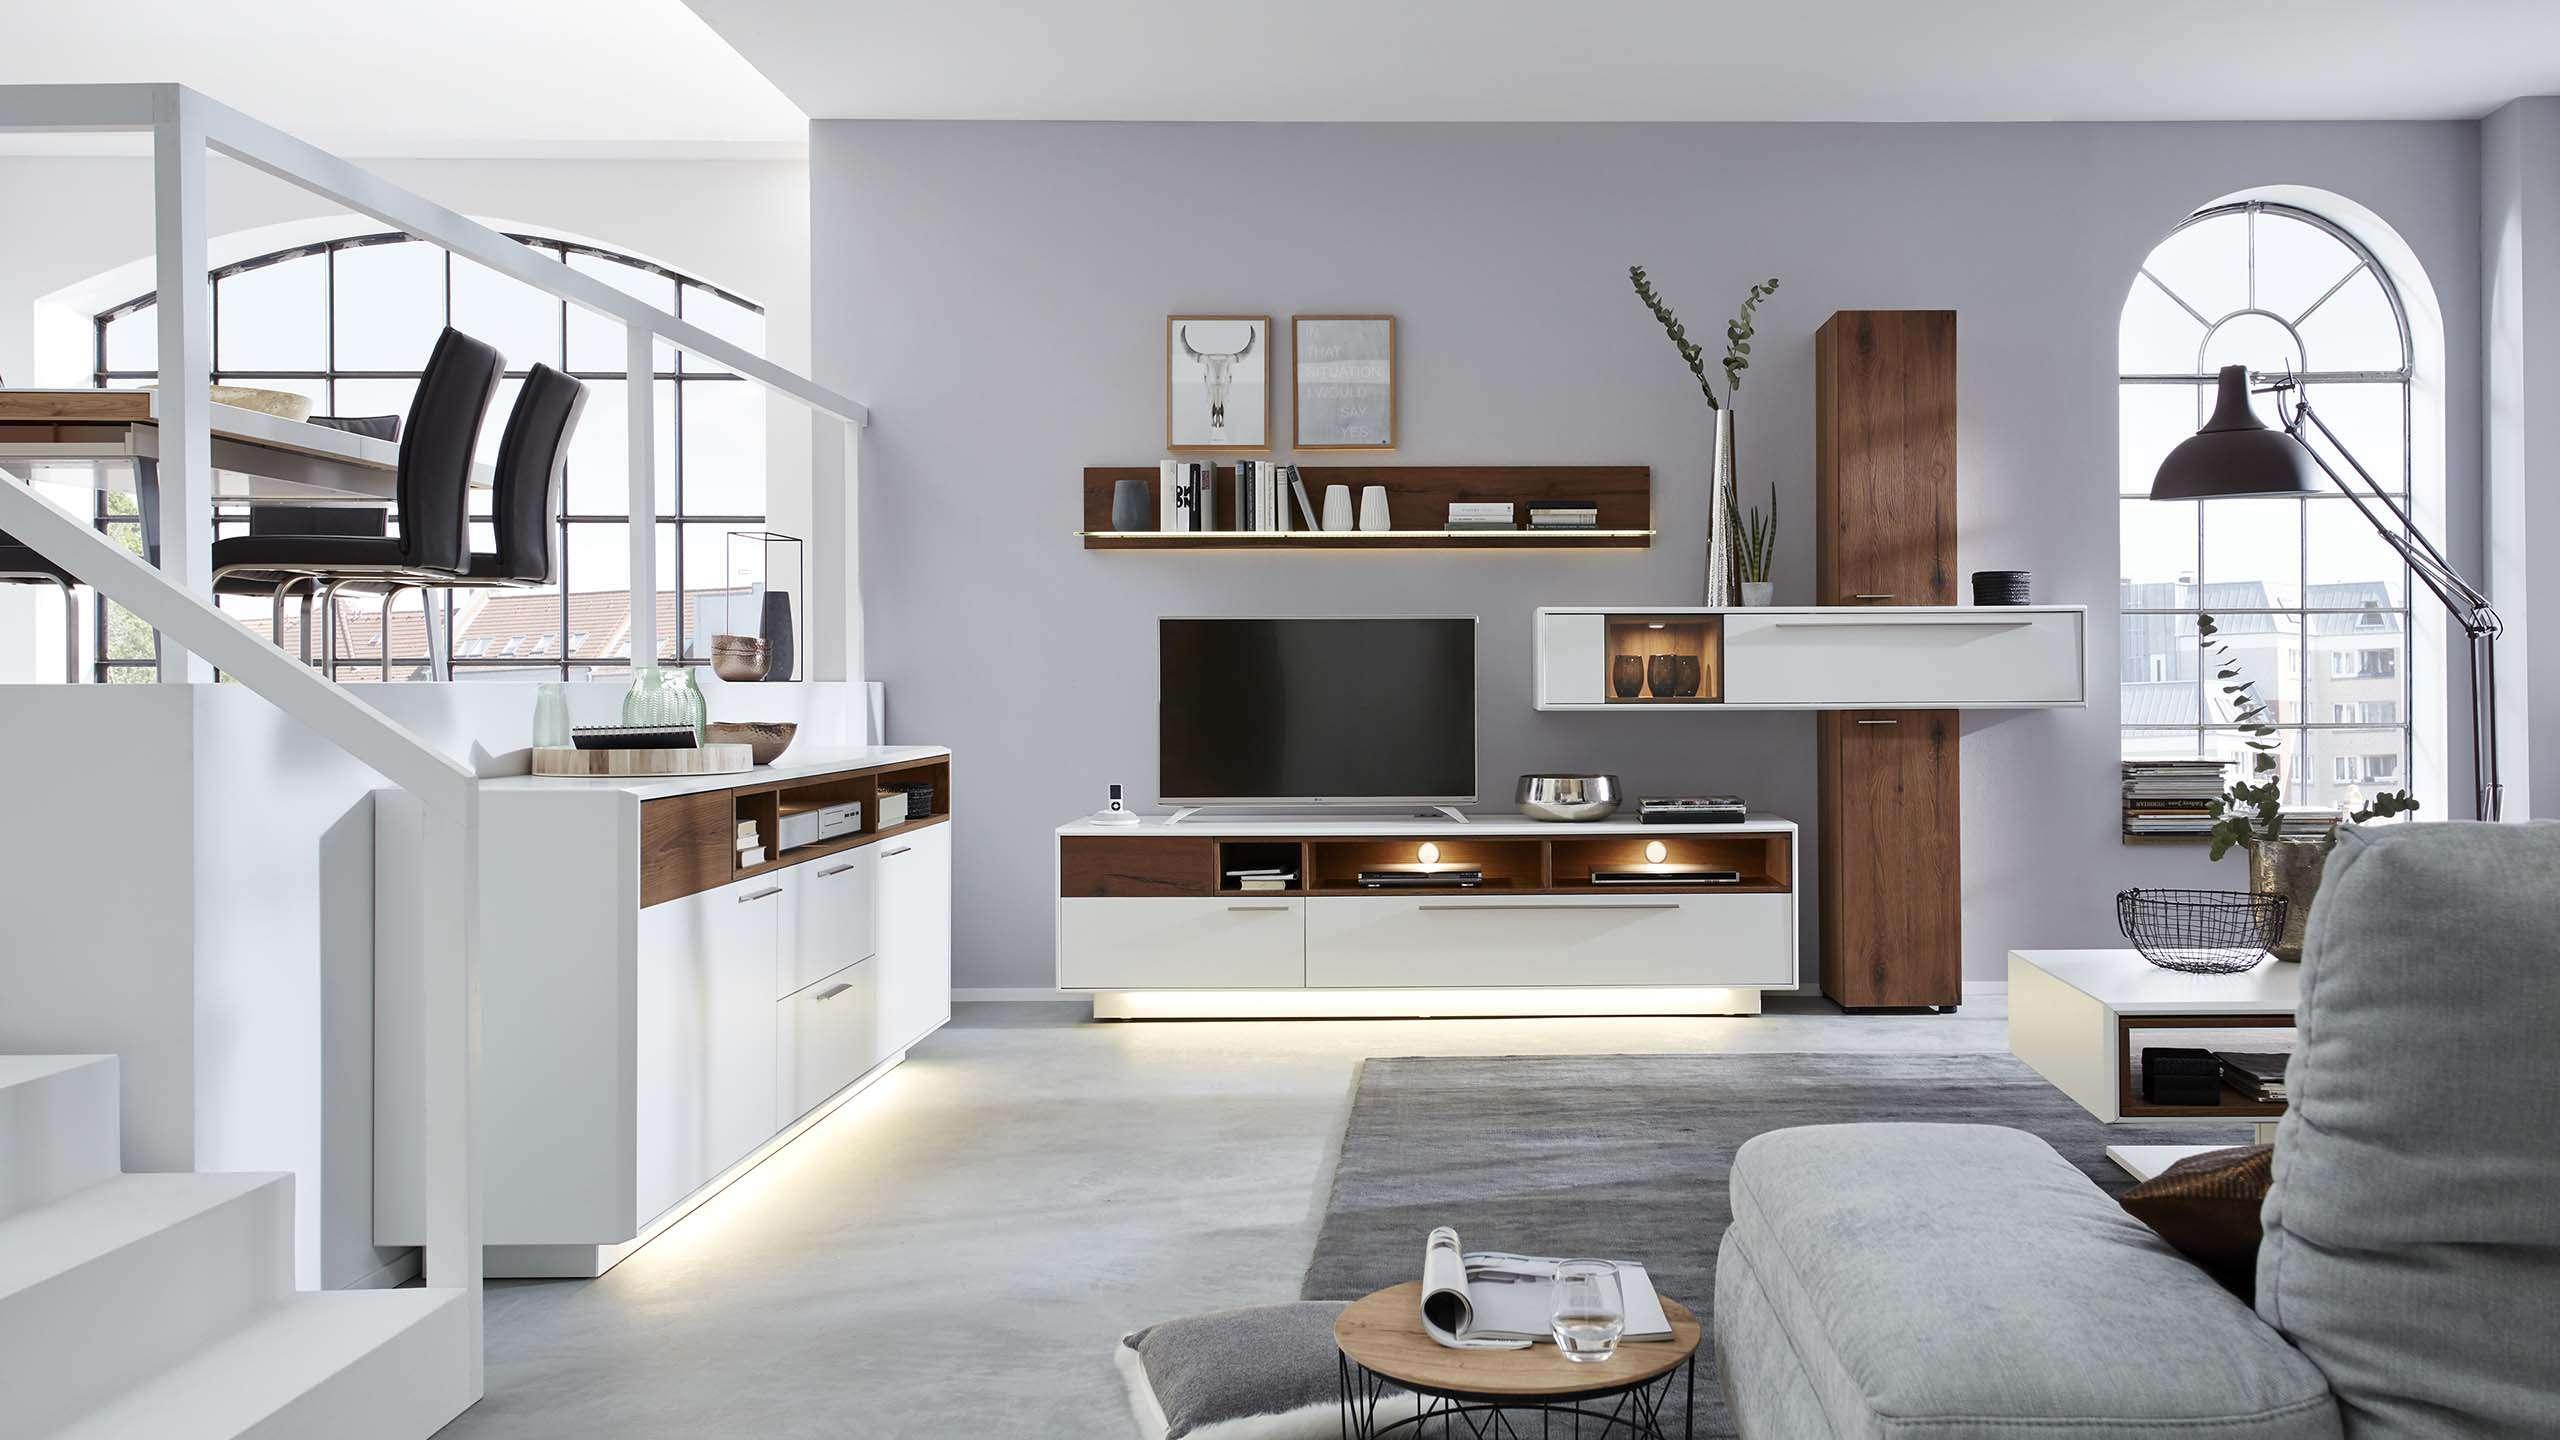 Interliving Wohnzimmer Serie 2102 Moderne Wohnwand Möbel Fischer